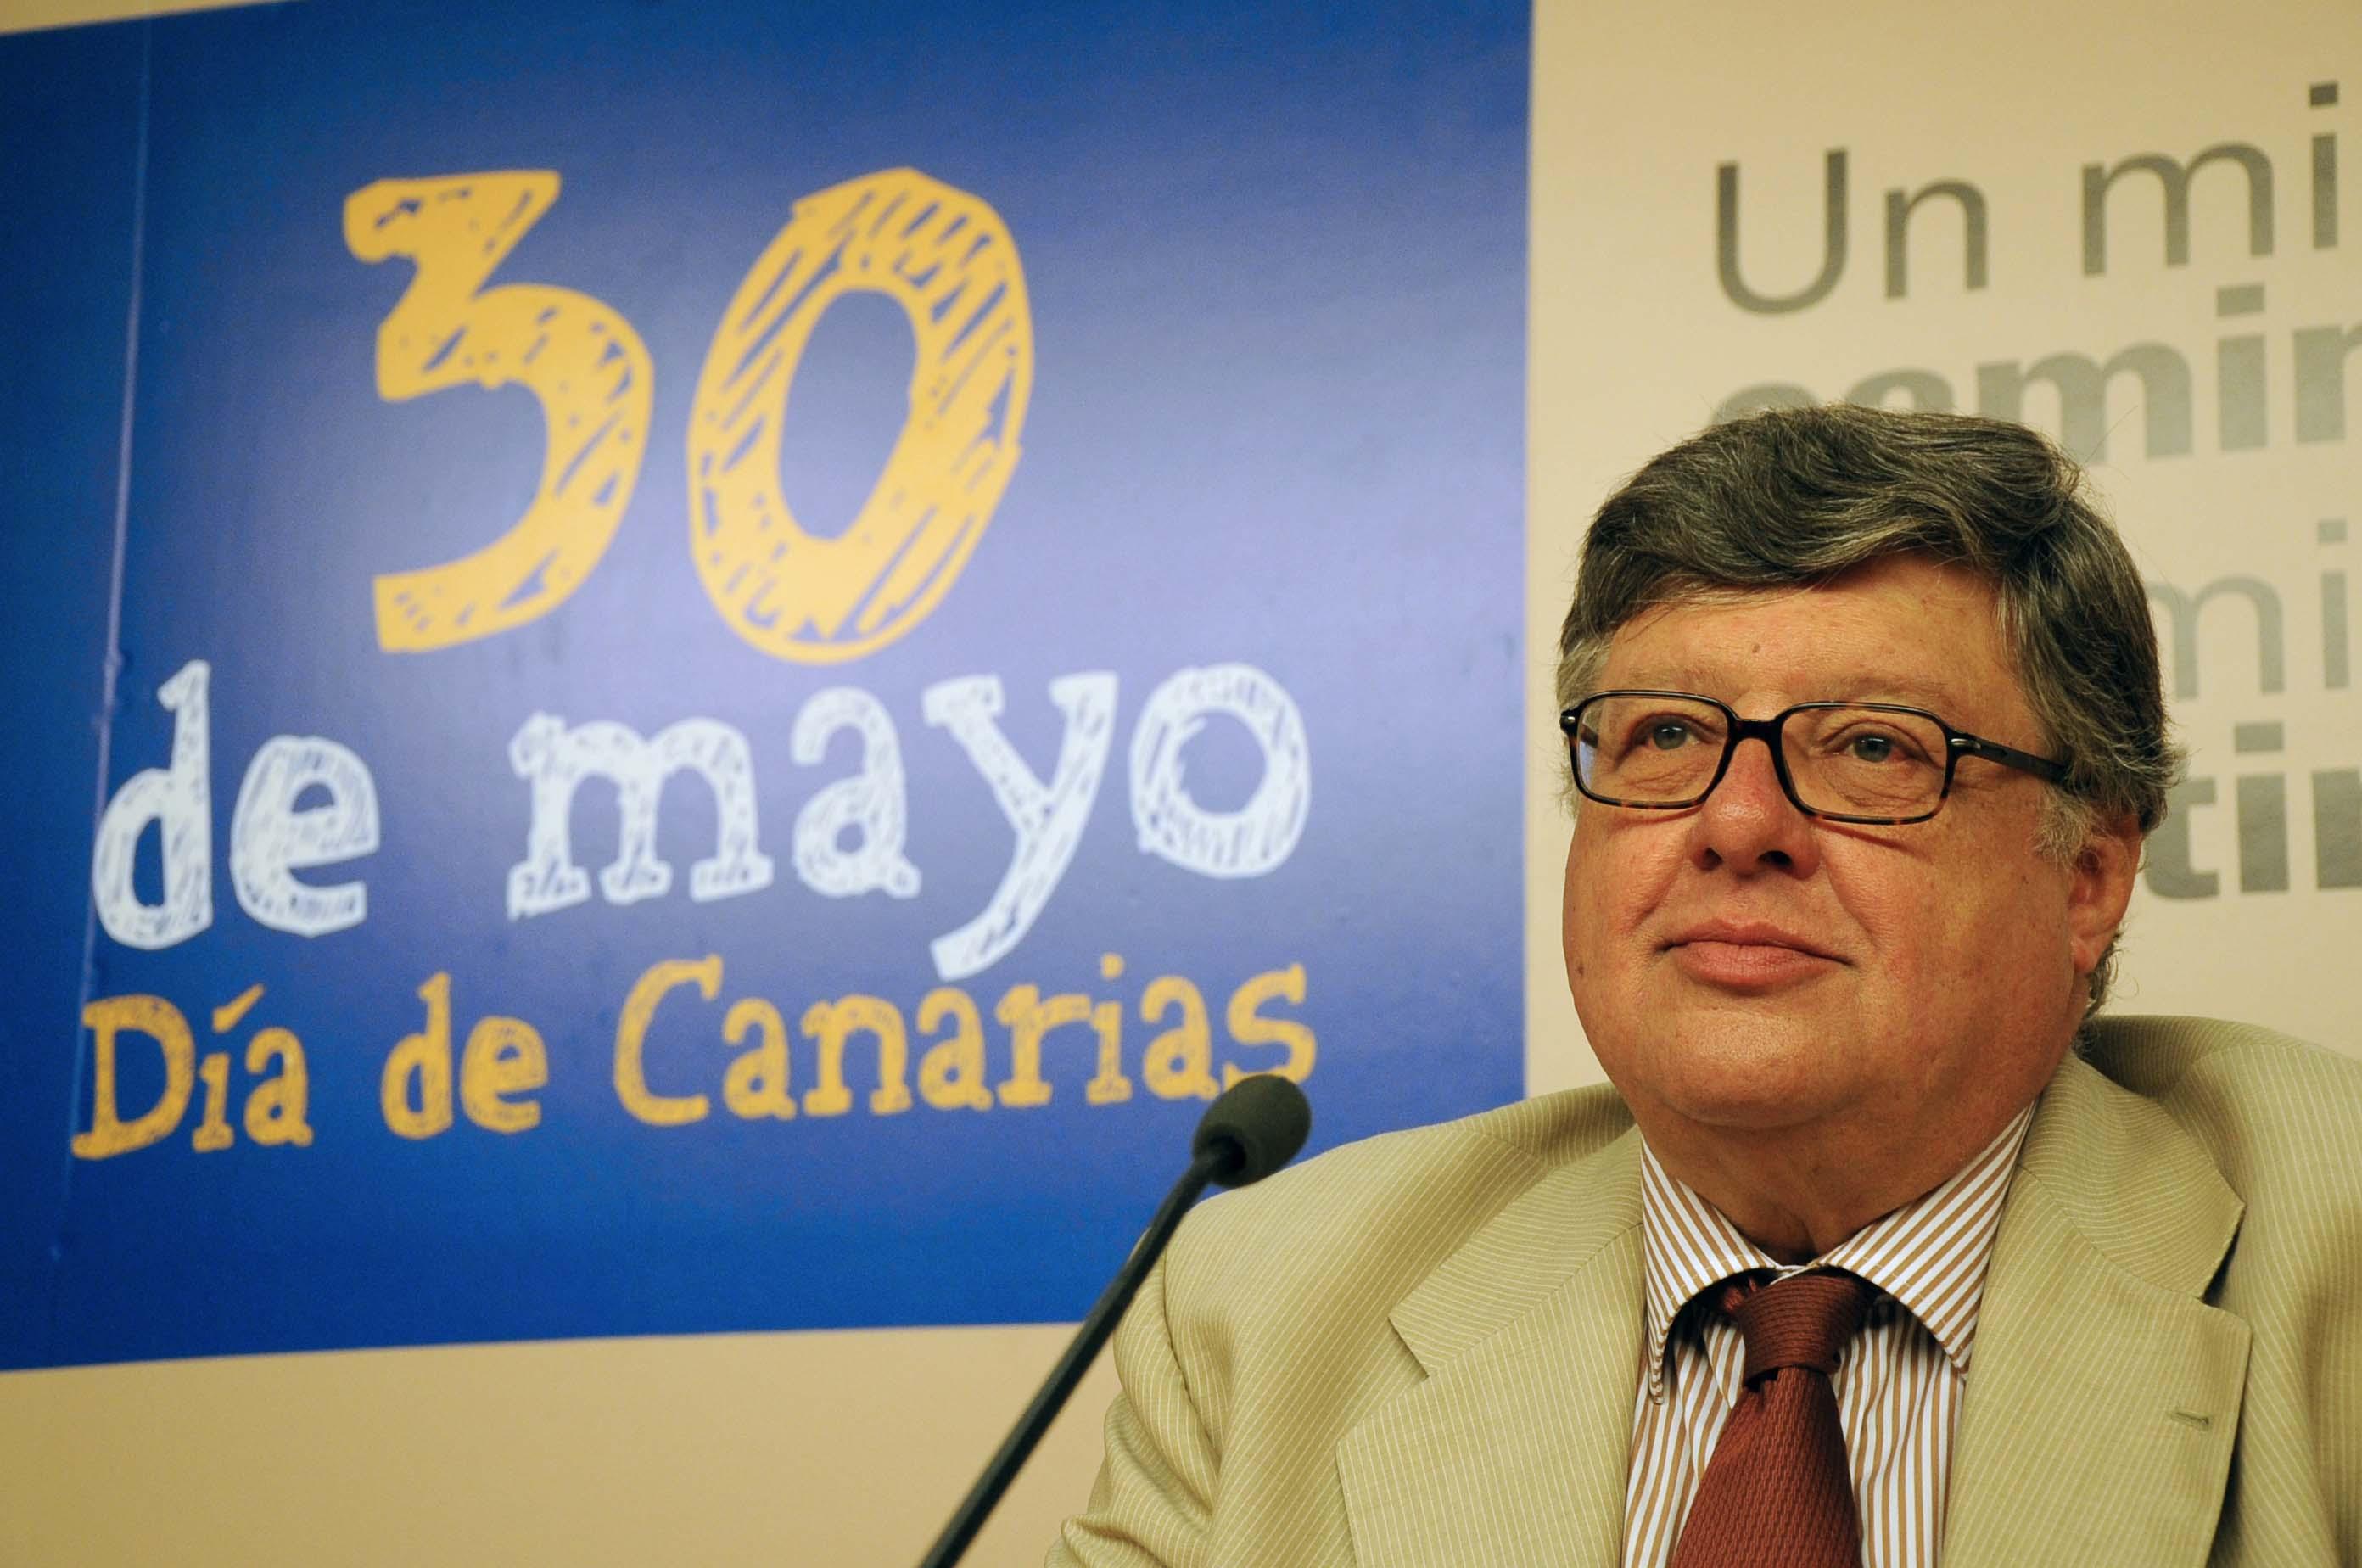 Alberto Delegado, Viceconsejero de Cultura del Gobierno de Canarias